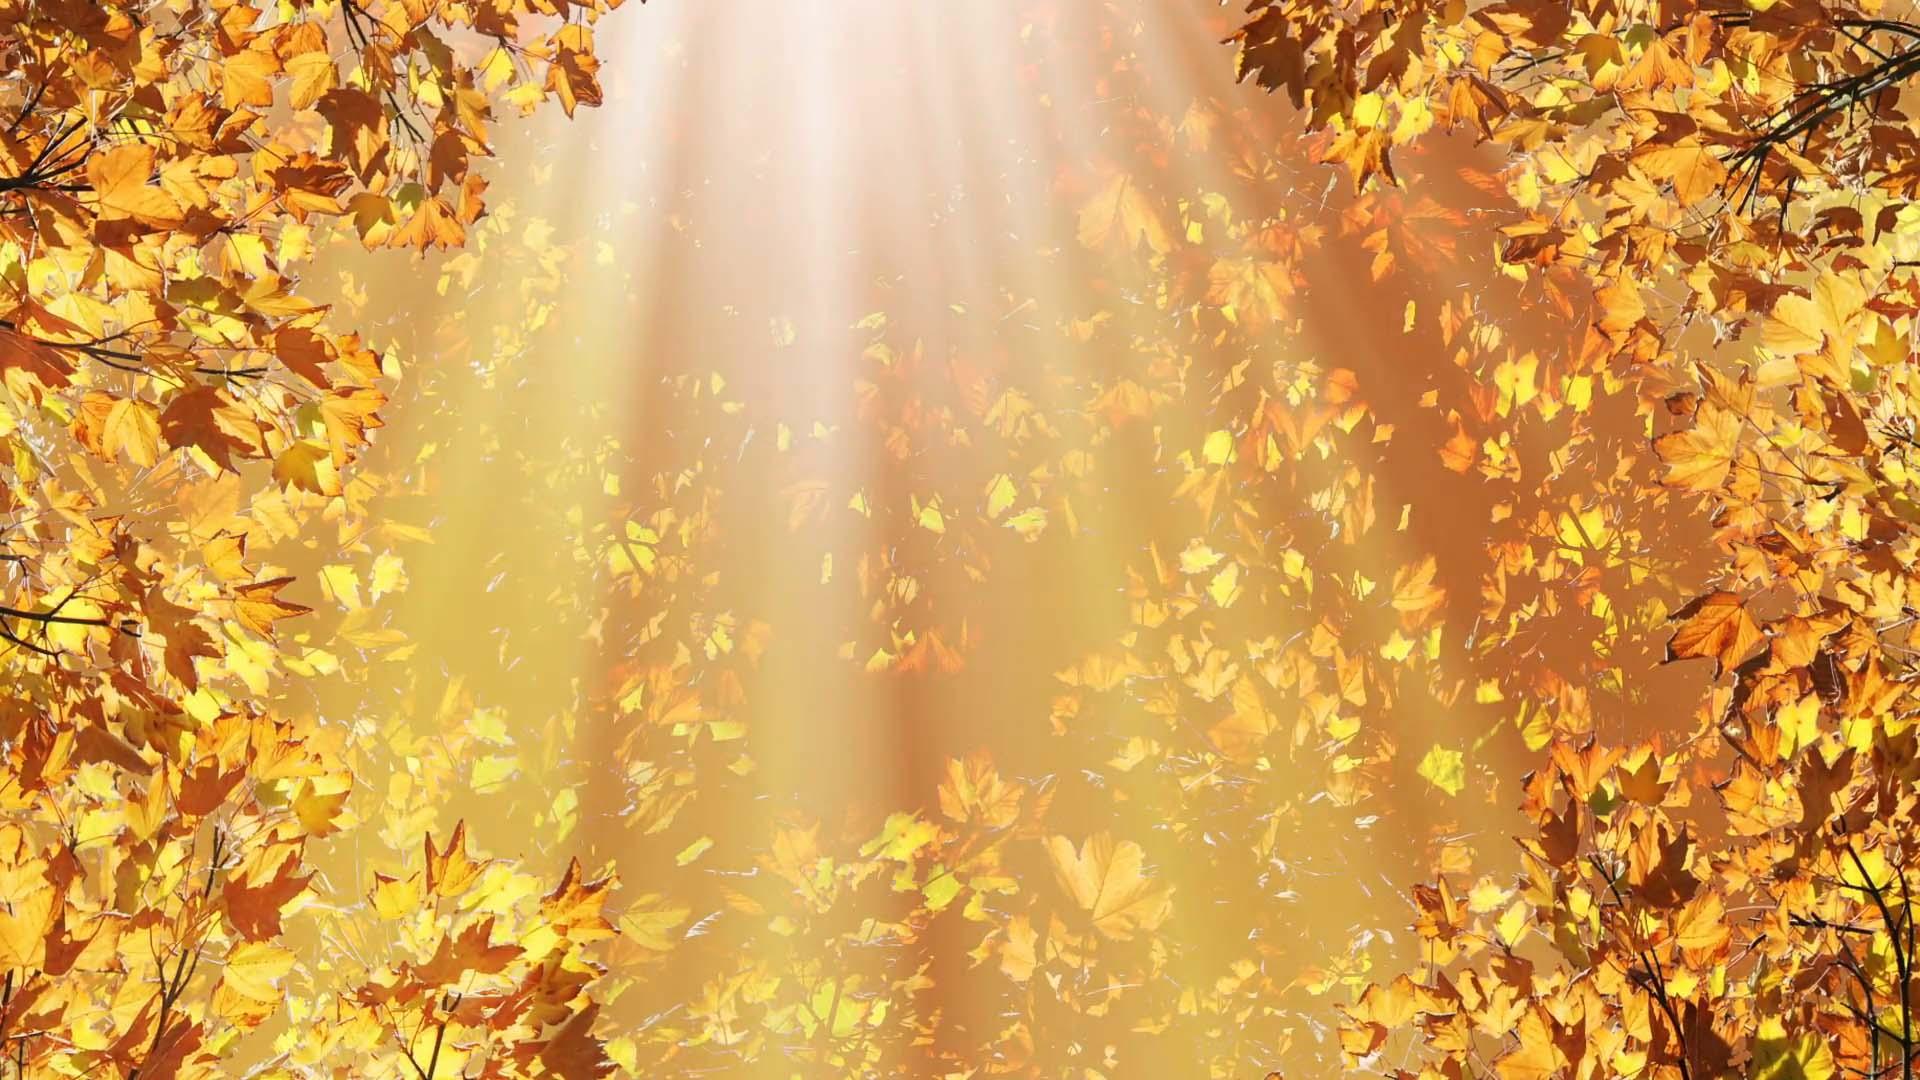 Hình ảnh nắng mùa thu đẹp